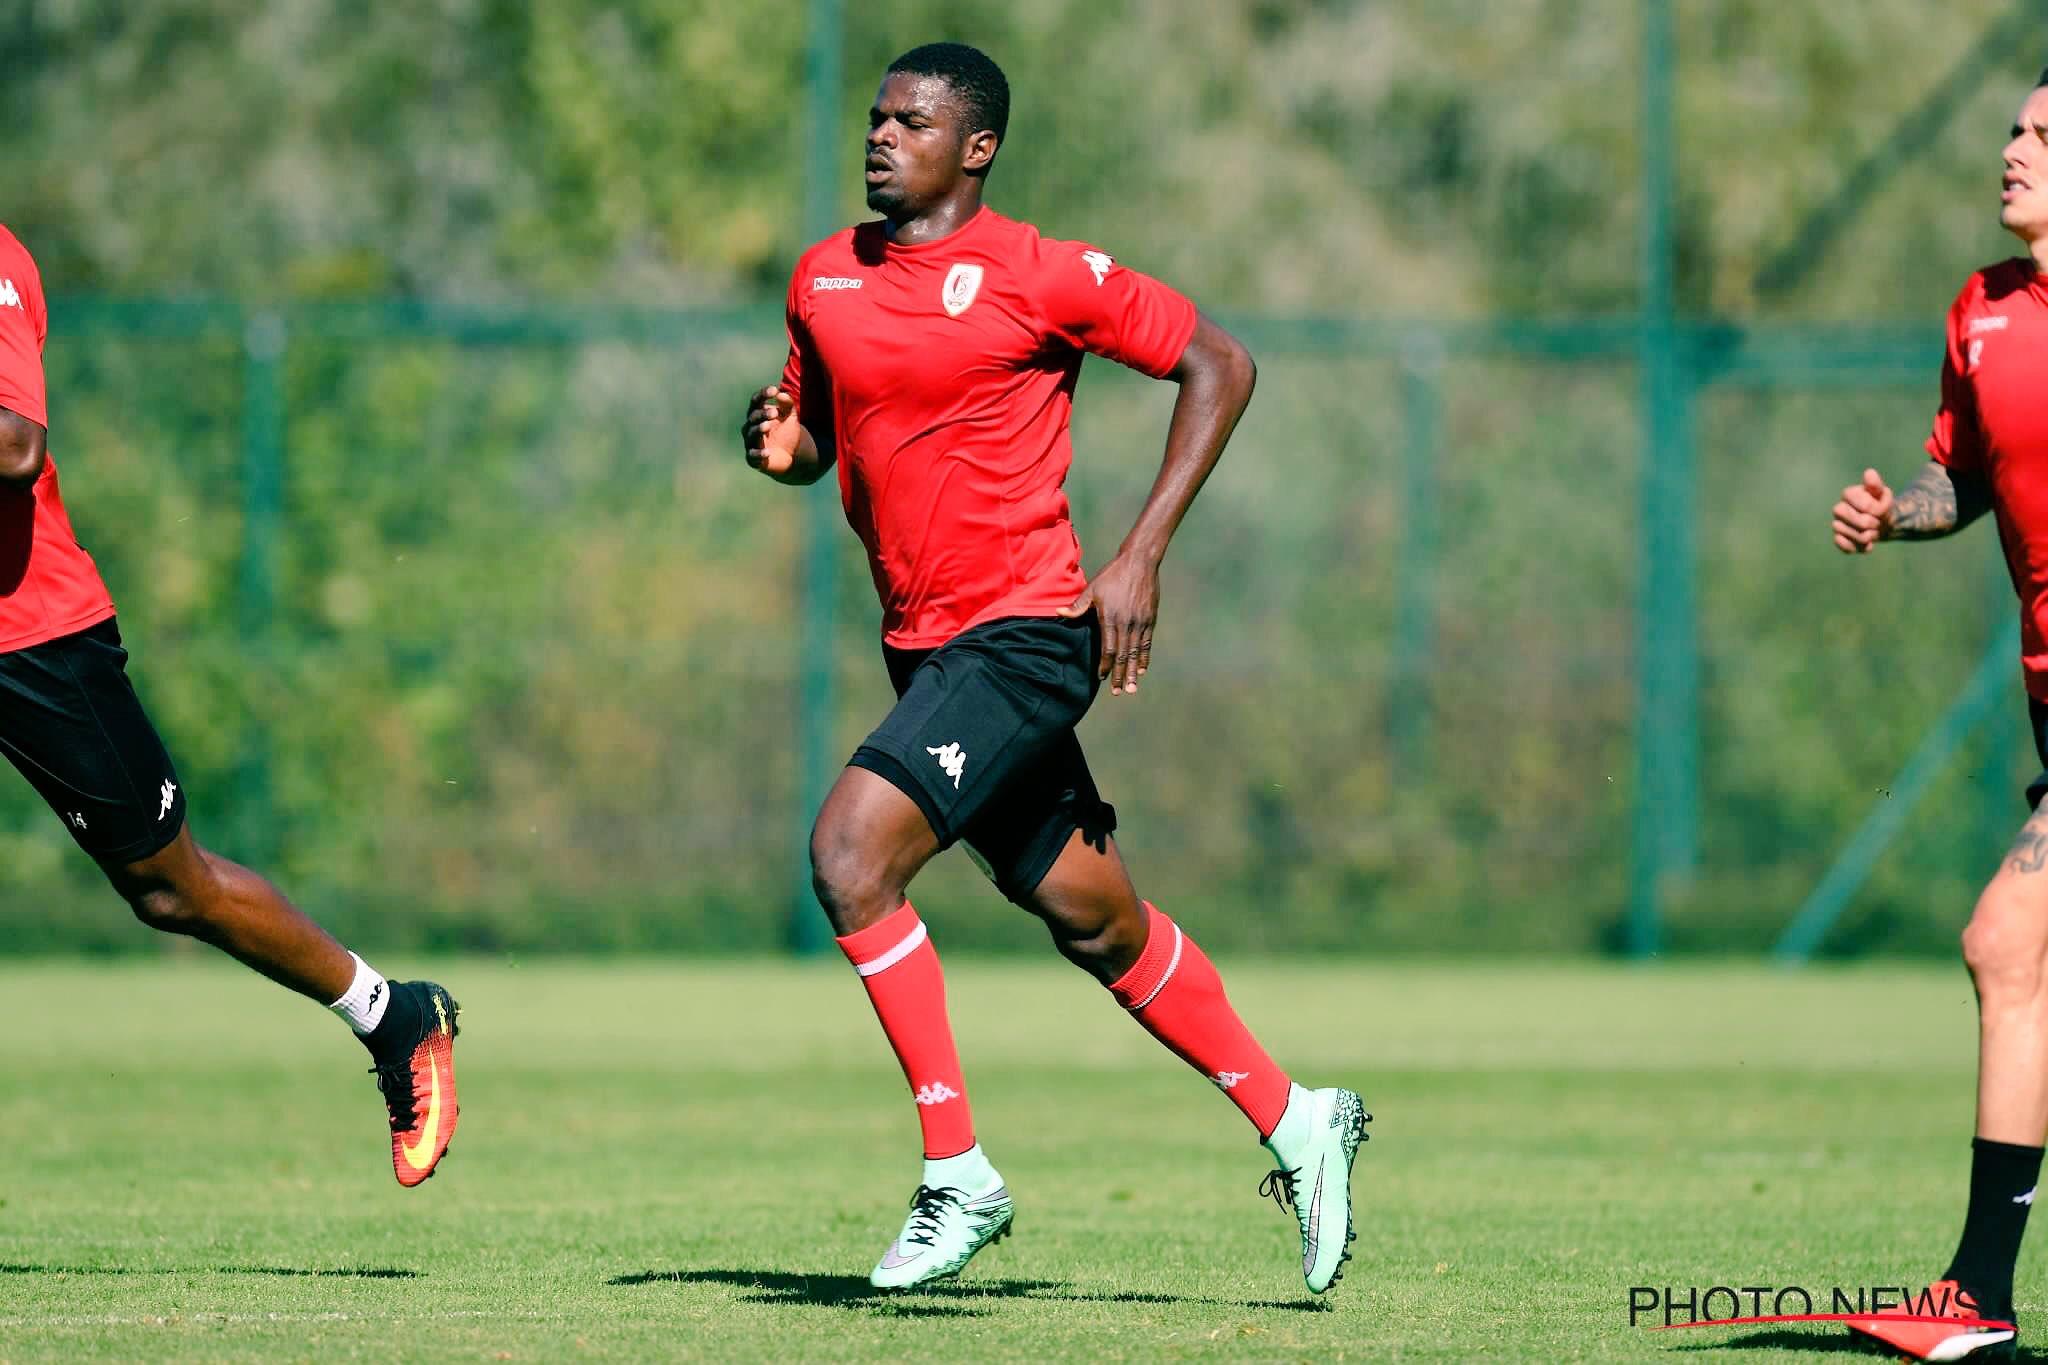 Echiejile Praises Standard Liege Fans, Wants More Wins